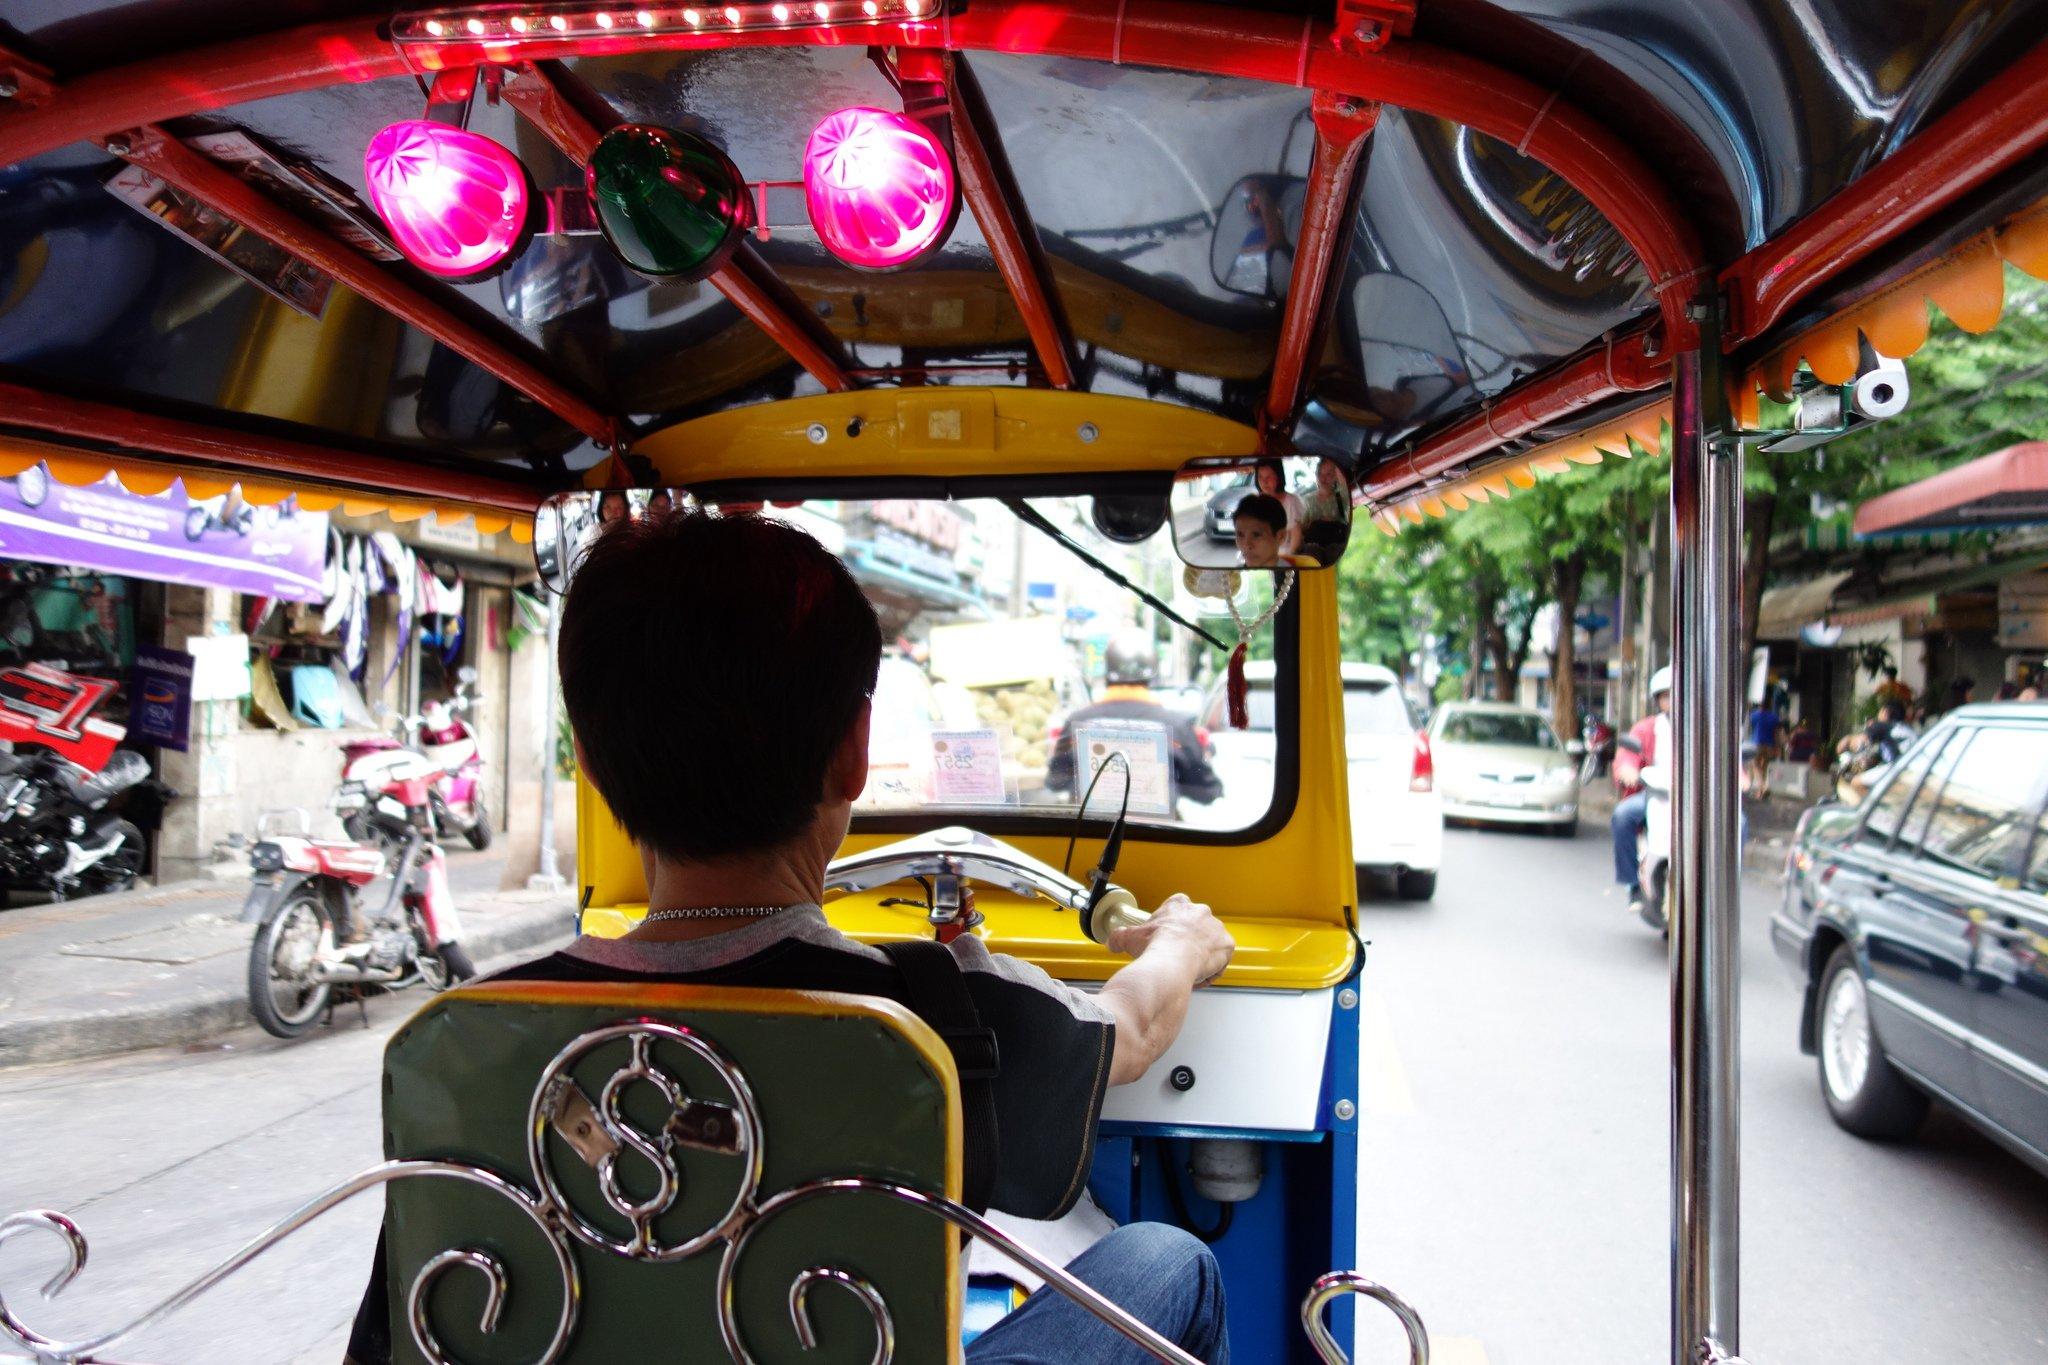 Spannend, so eine Tuktuk-Fahrt! © Go to Hospital von  m-louis .® unter CC BY-SA 2.0